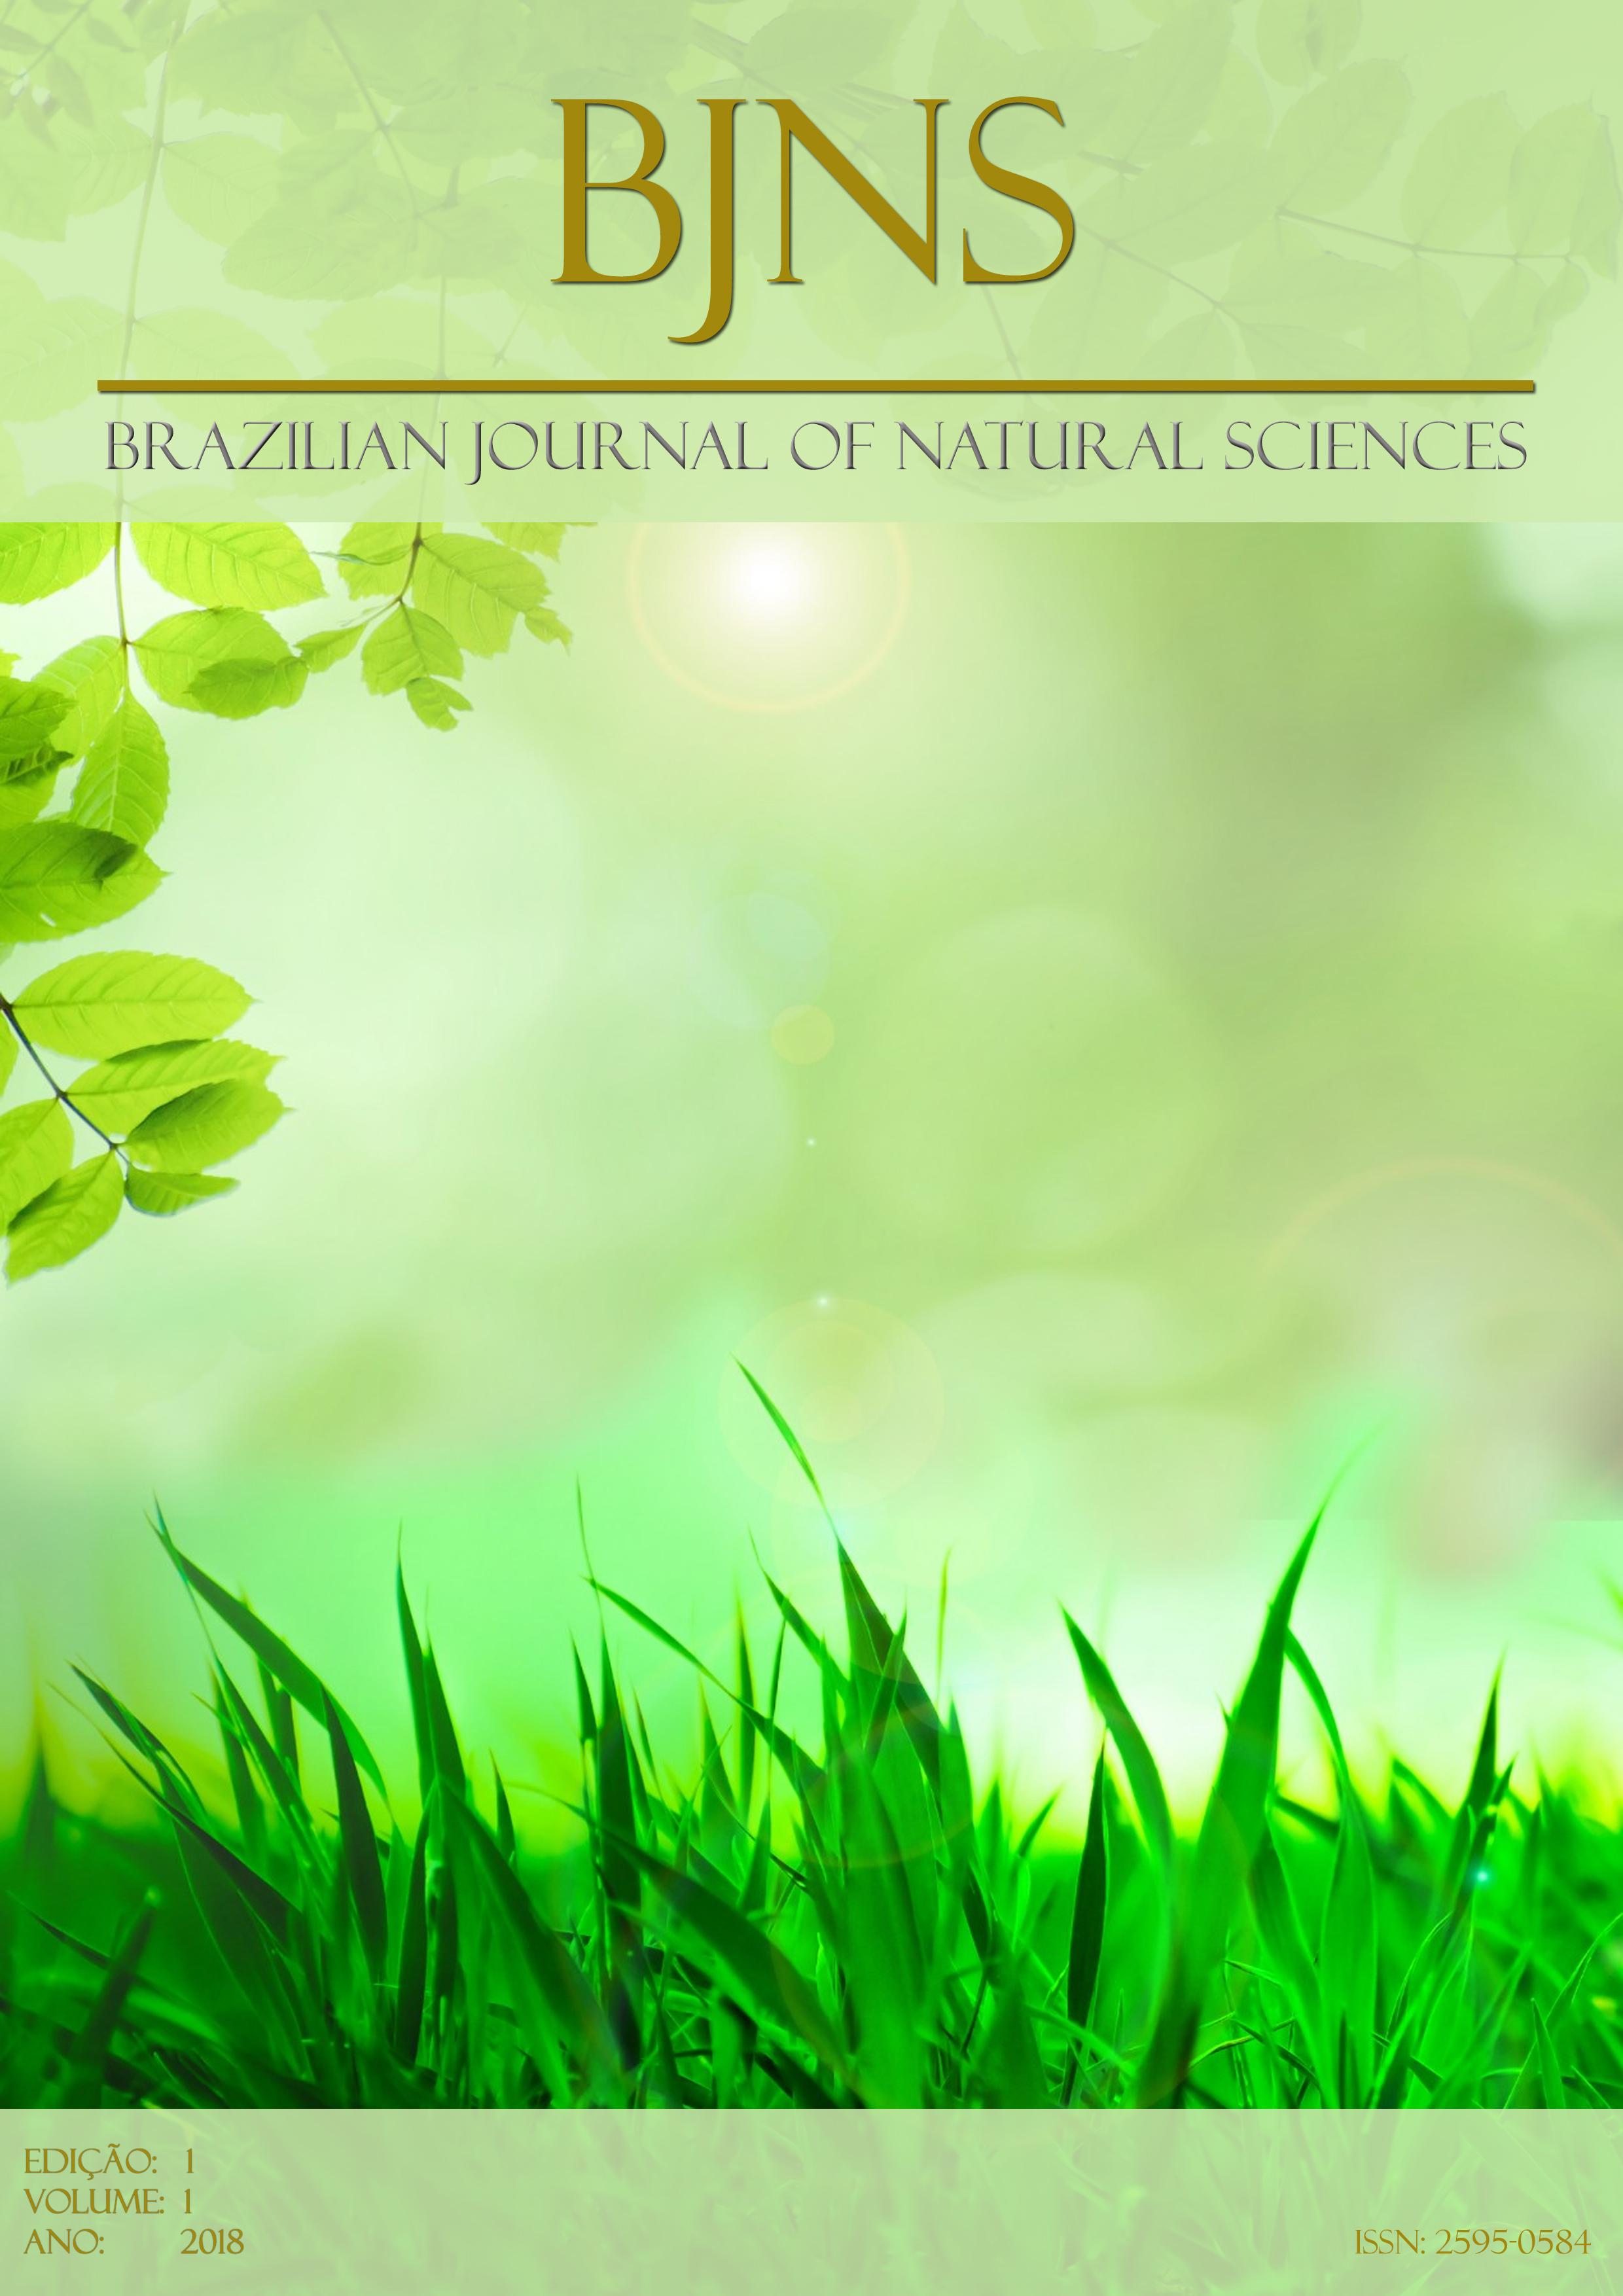 Endereço:Rua Dr .Mario Pinto Serva, 64, Bairro Casa Verde, São Paulo/SP - CEP: 02555-090